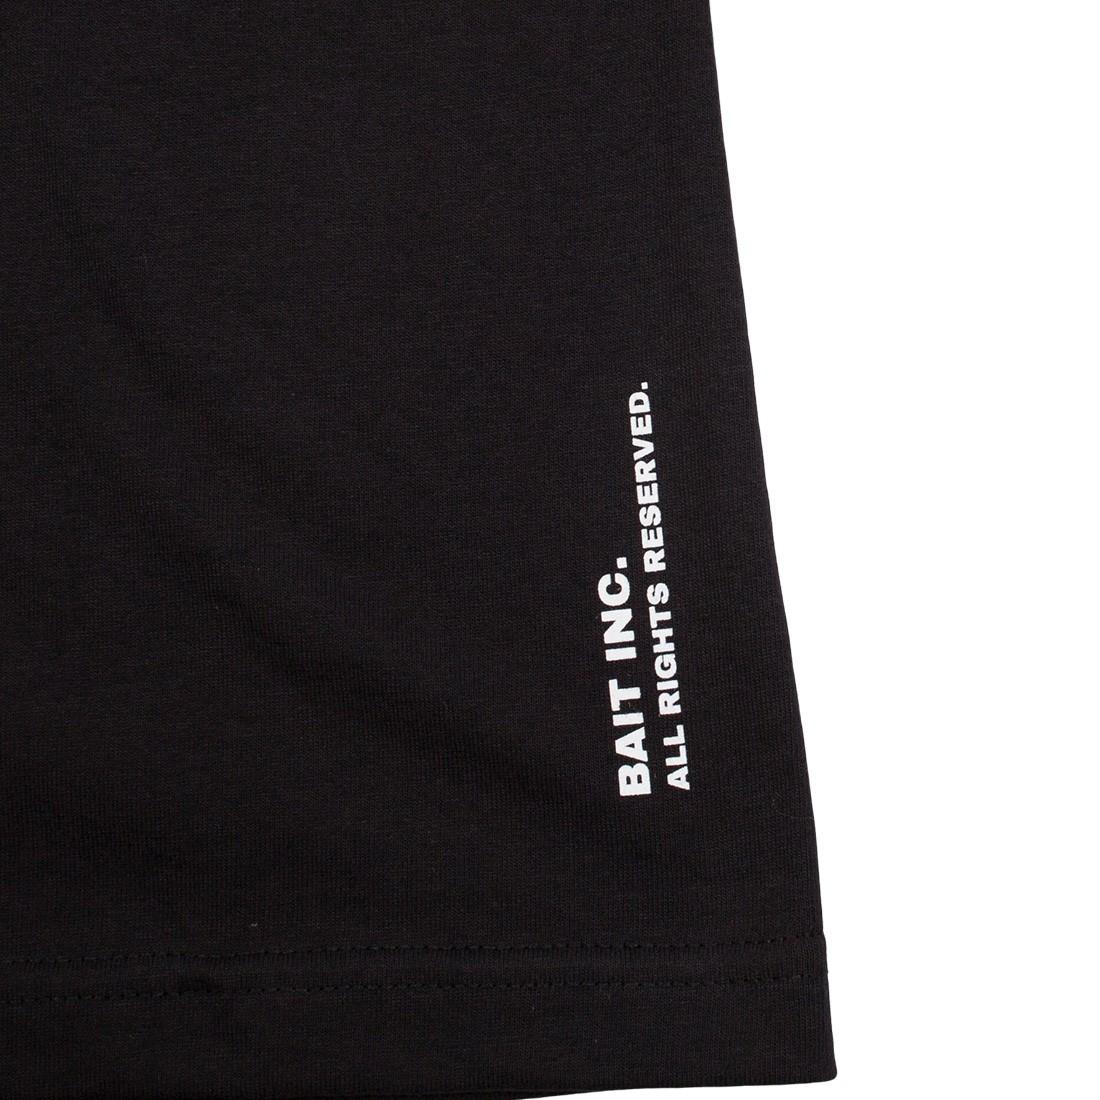 【SALE】BAIT Doors Tee -197-BAT-TEE-006